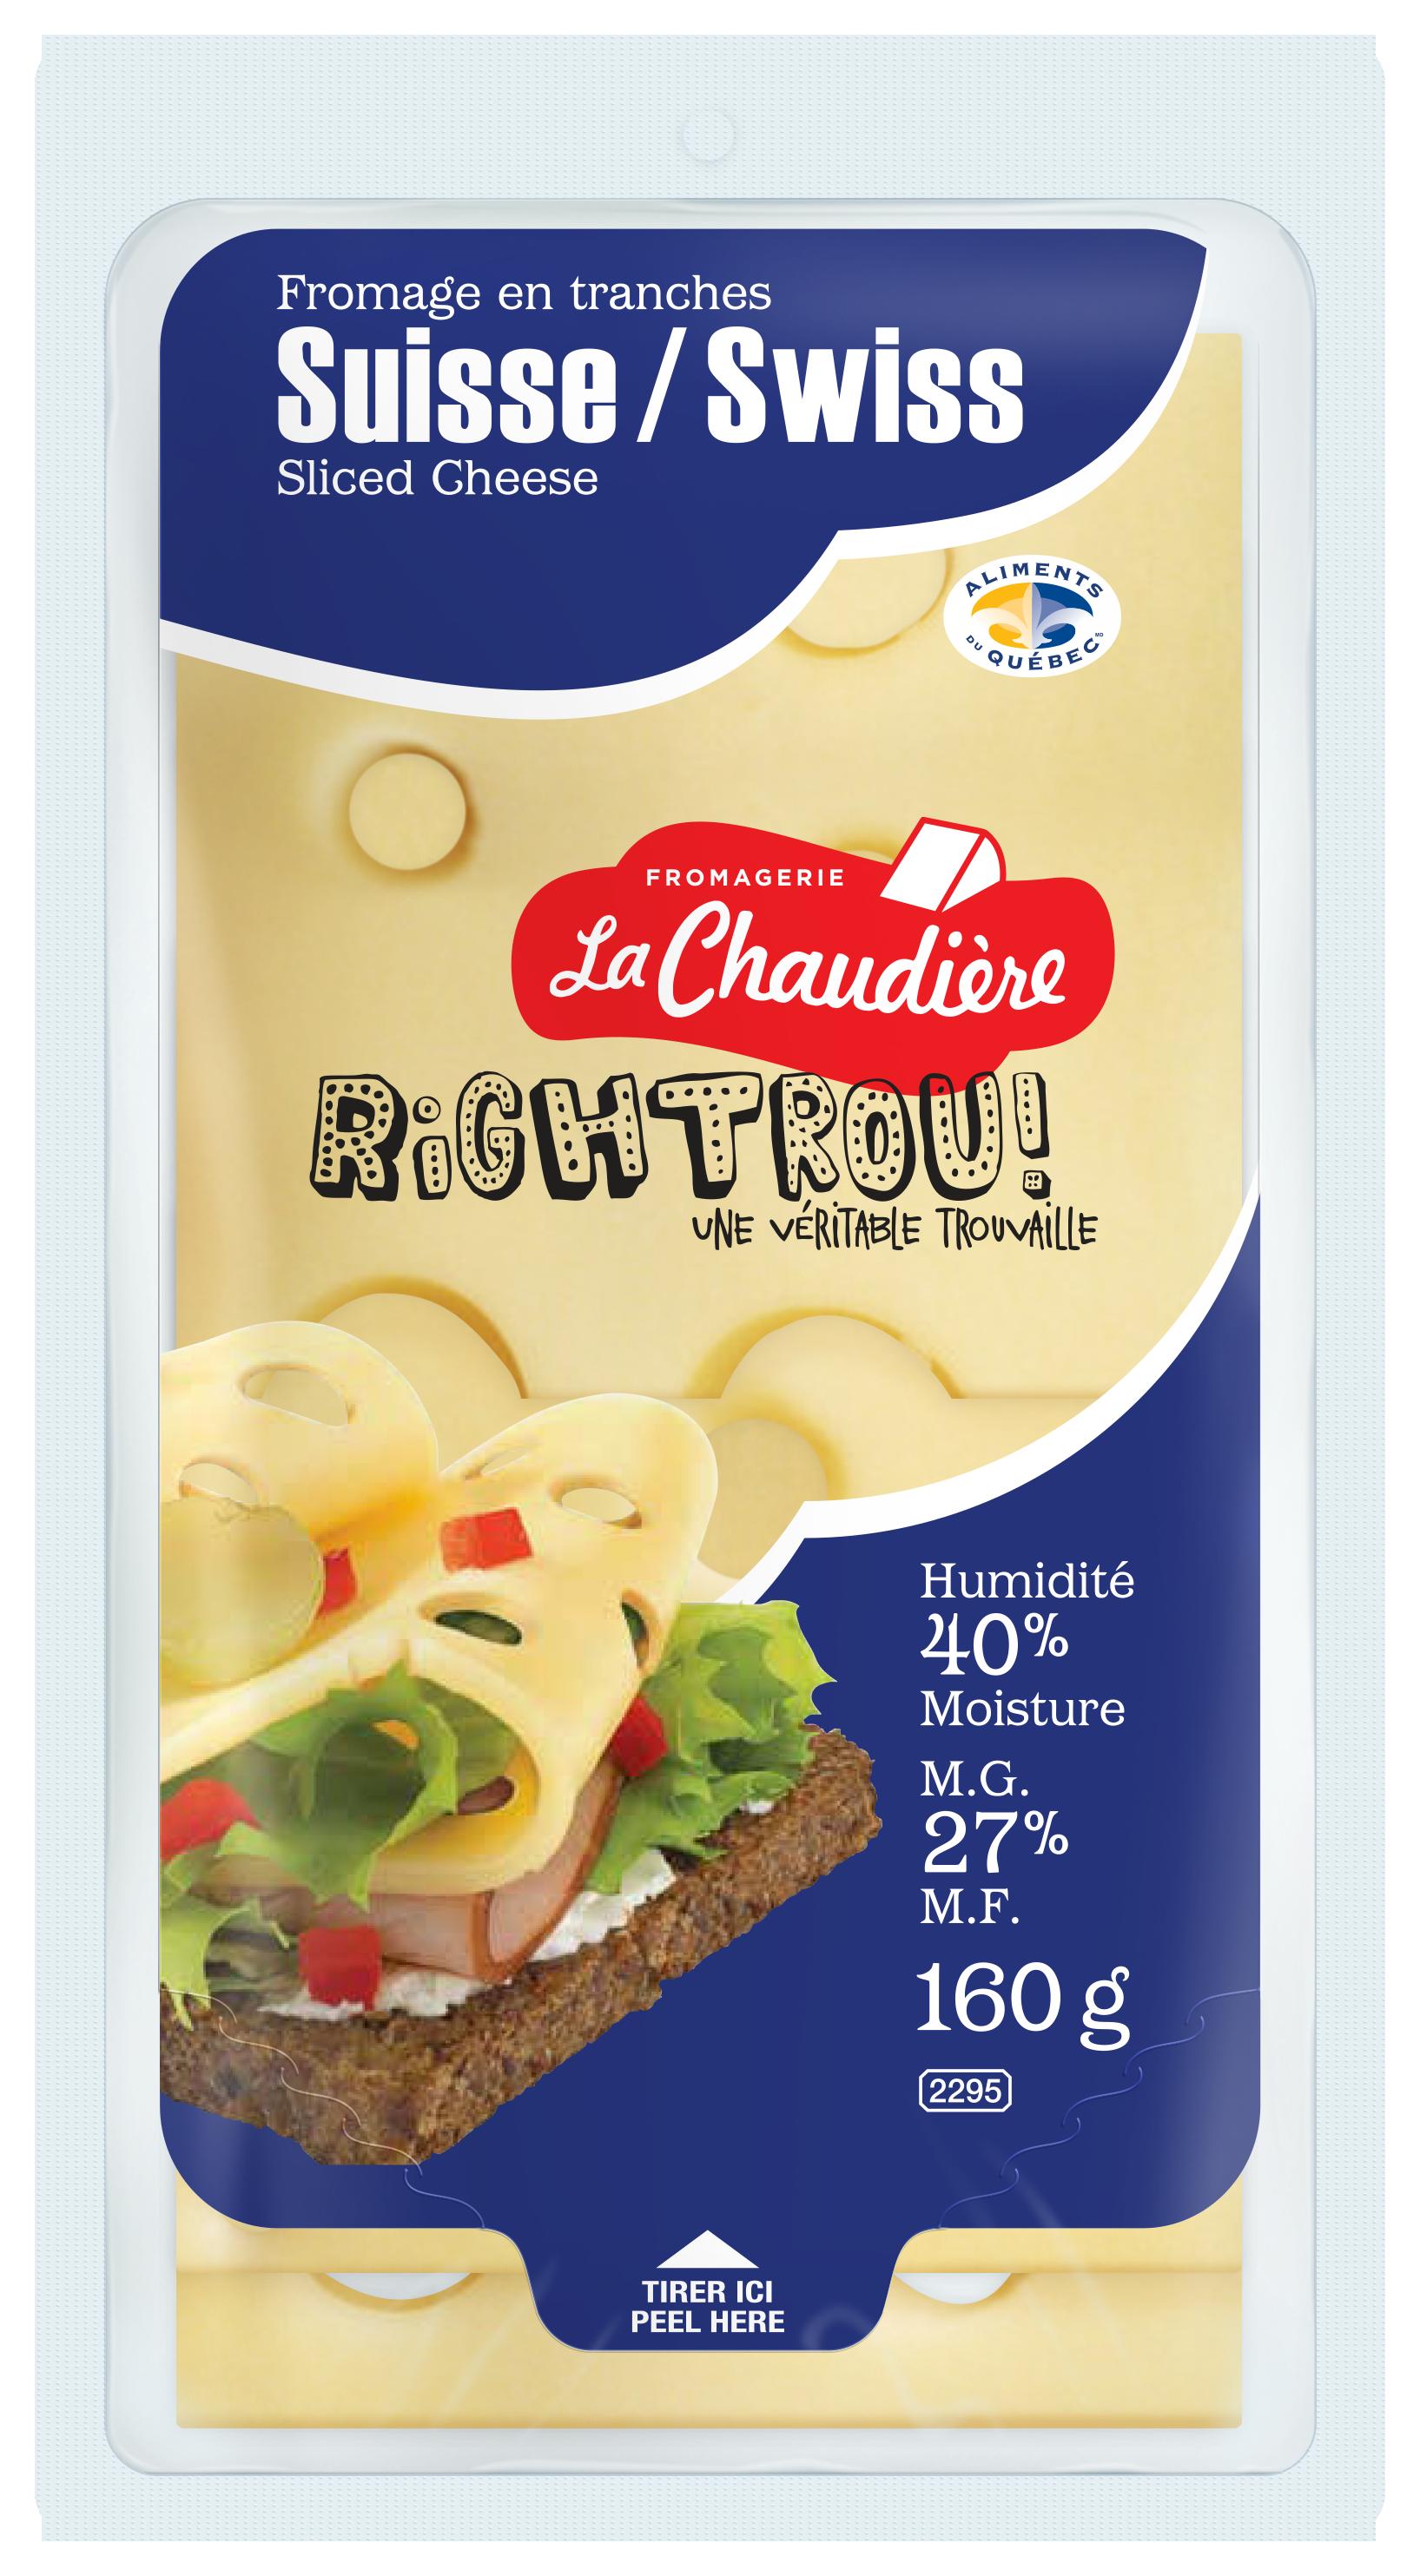 FLC_Suisse_tranche_3D